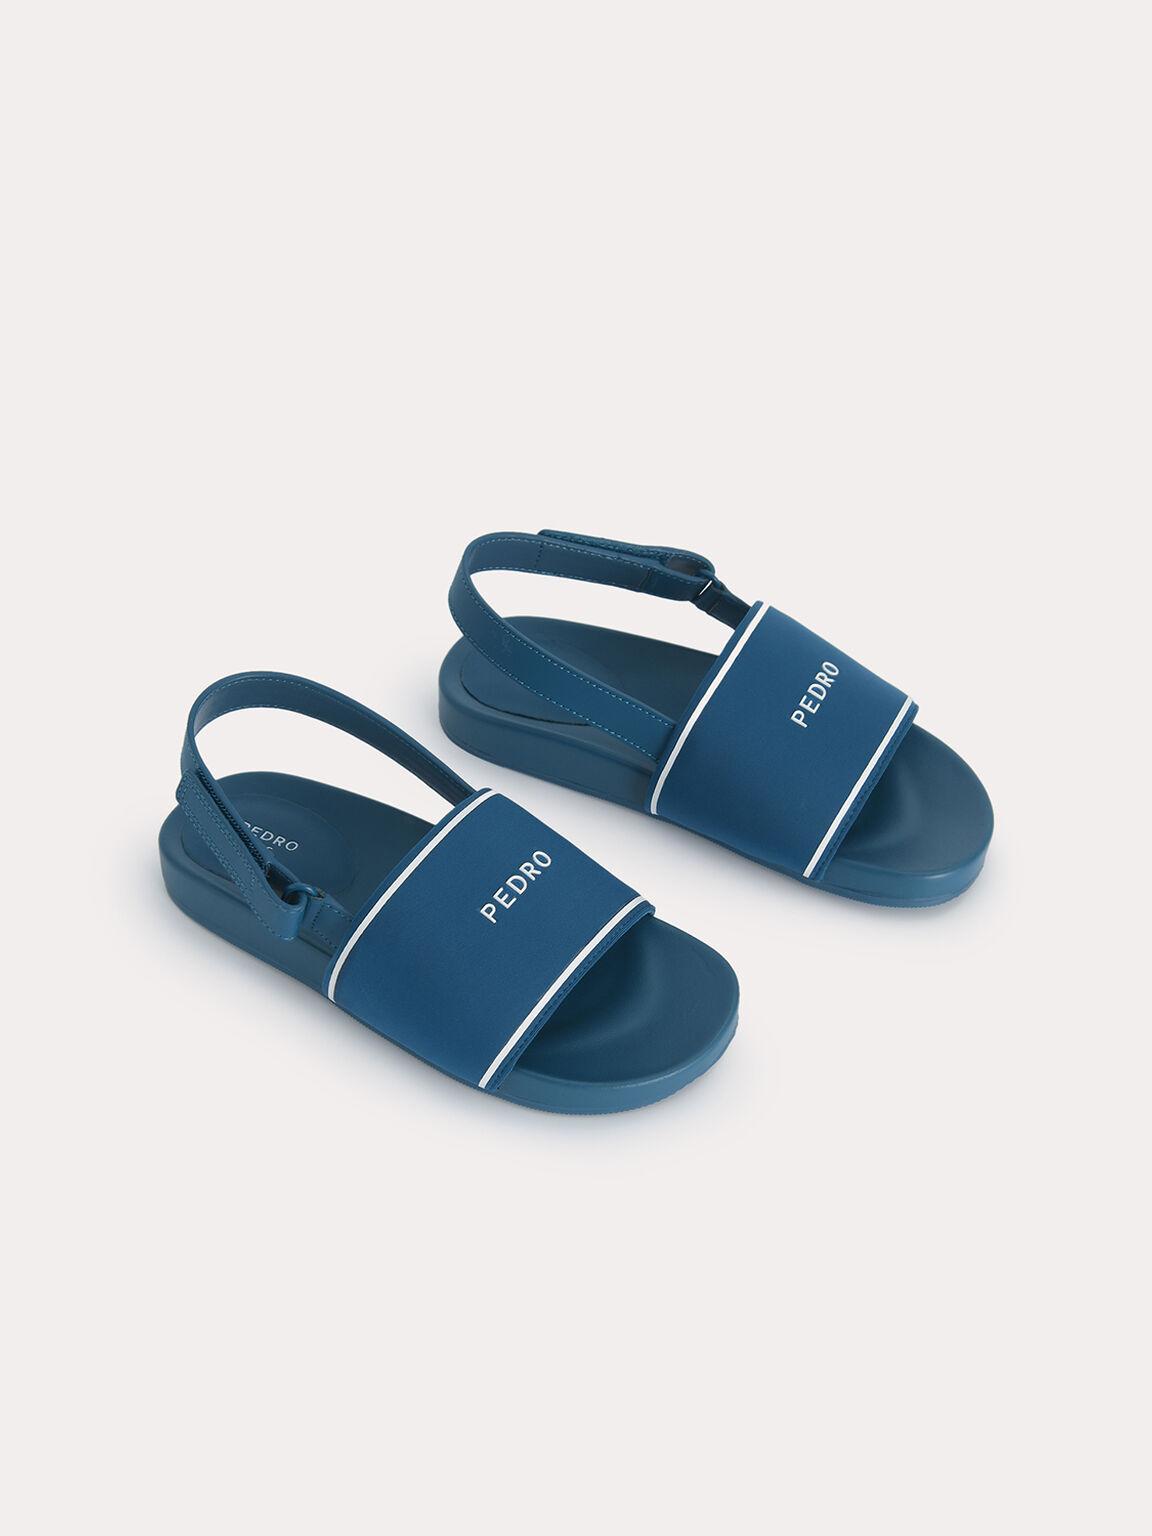 Casual Sandals, Teal, hi-res